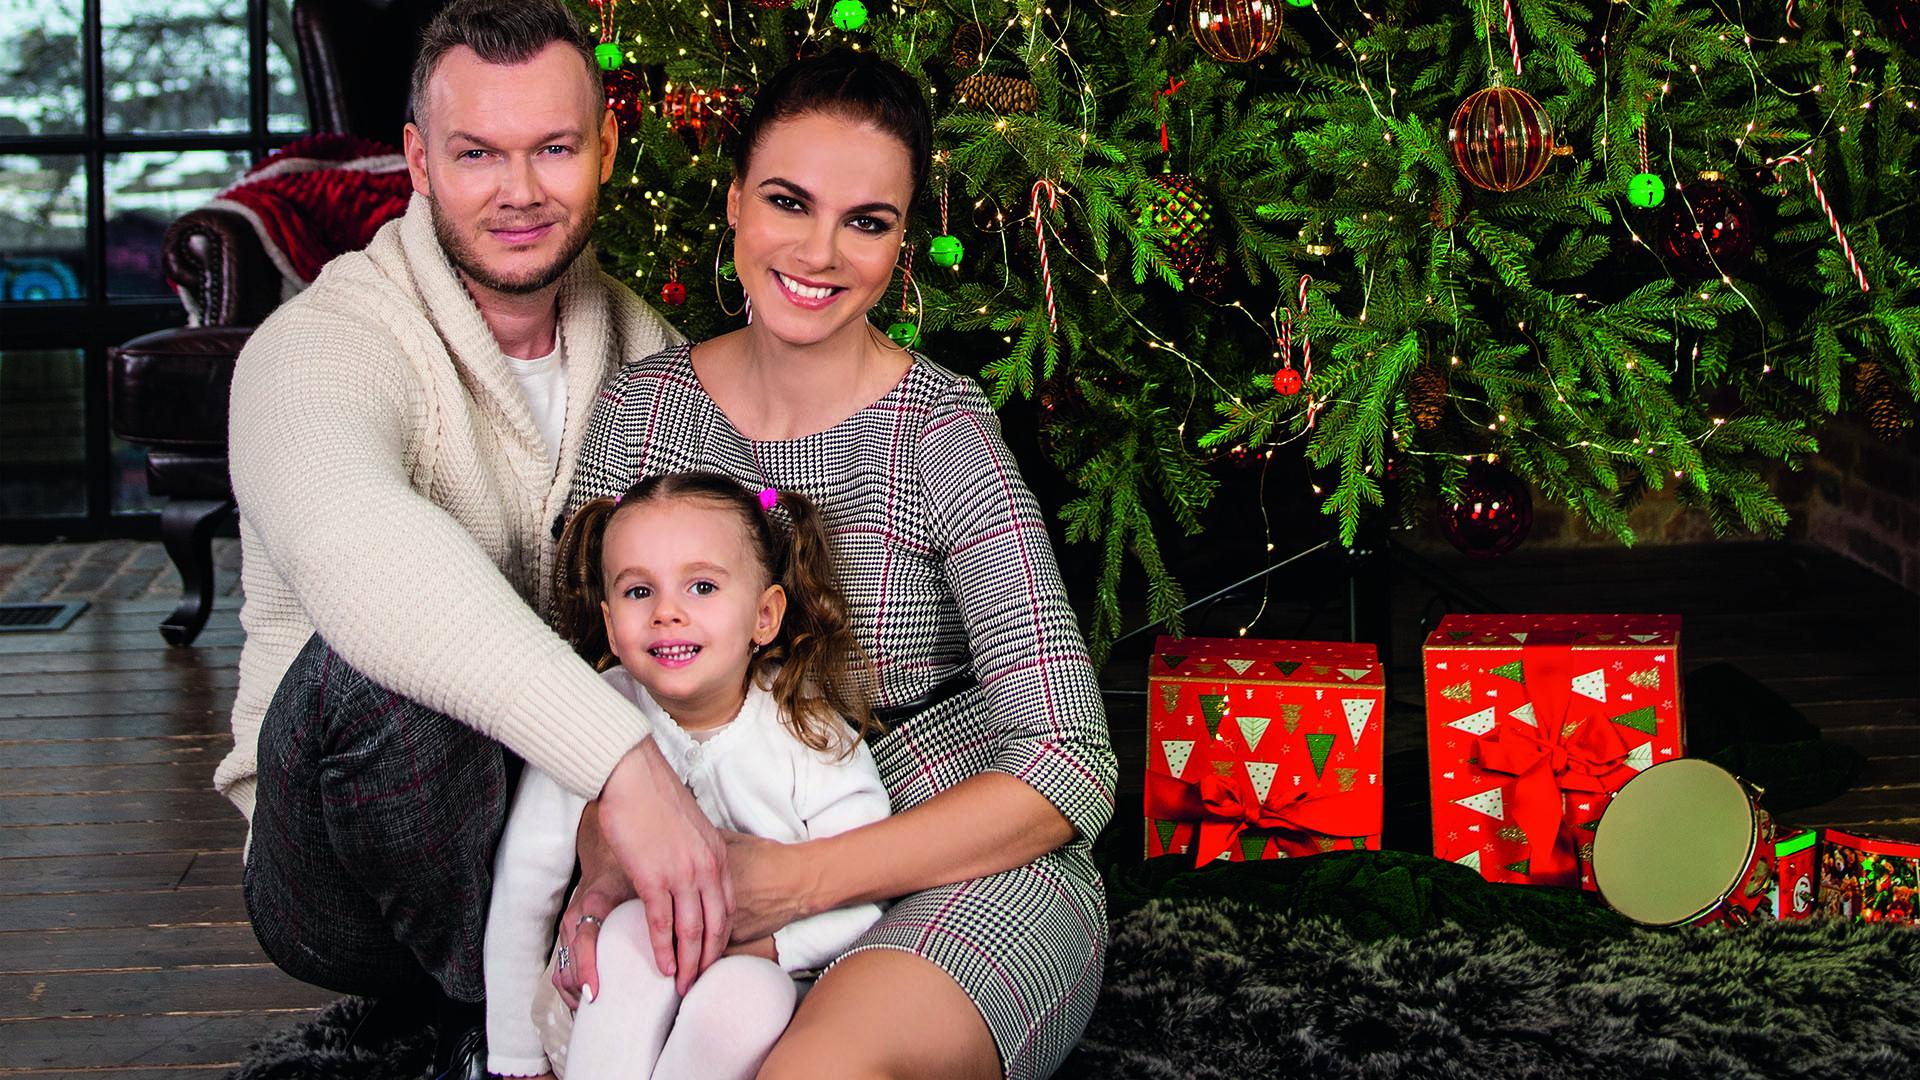 adventi naptár boldogság család karácsony karácsonyvárás nox története noxtalgia péter-szabó szilvia szenteste szerelem szurovecz kitti